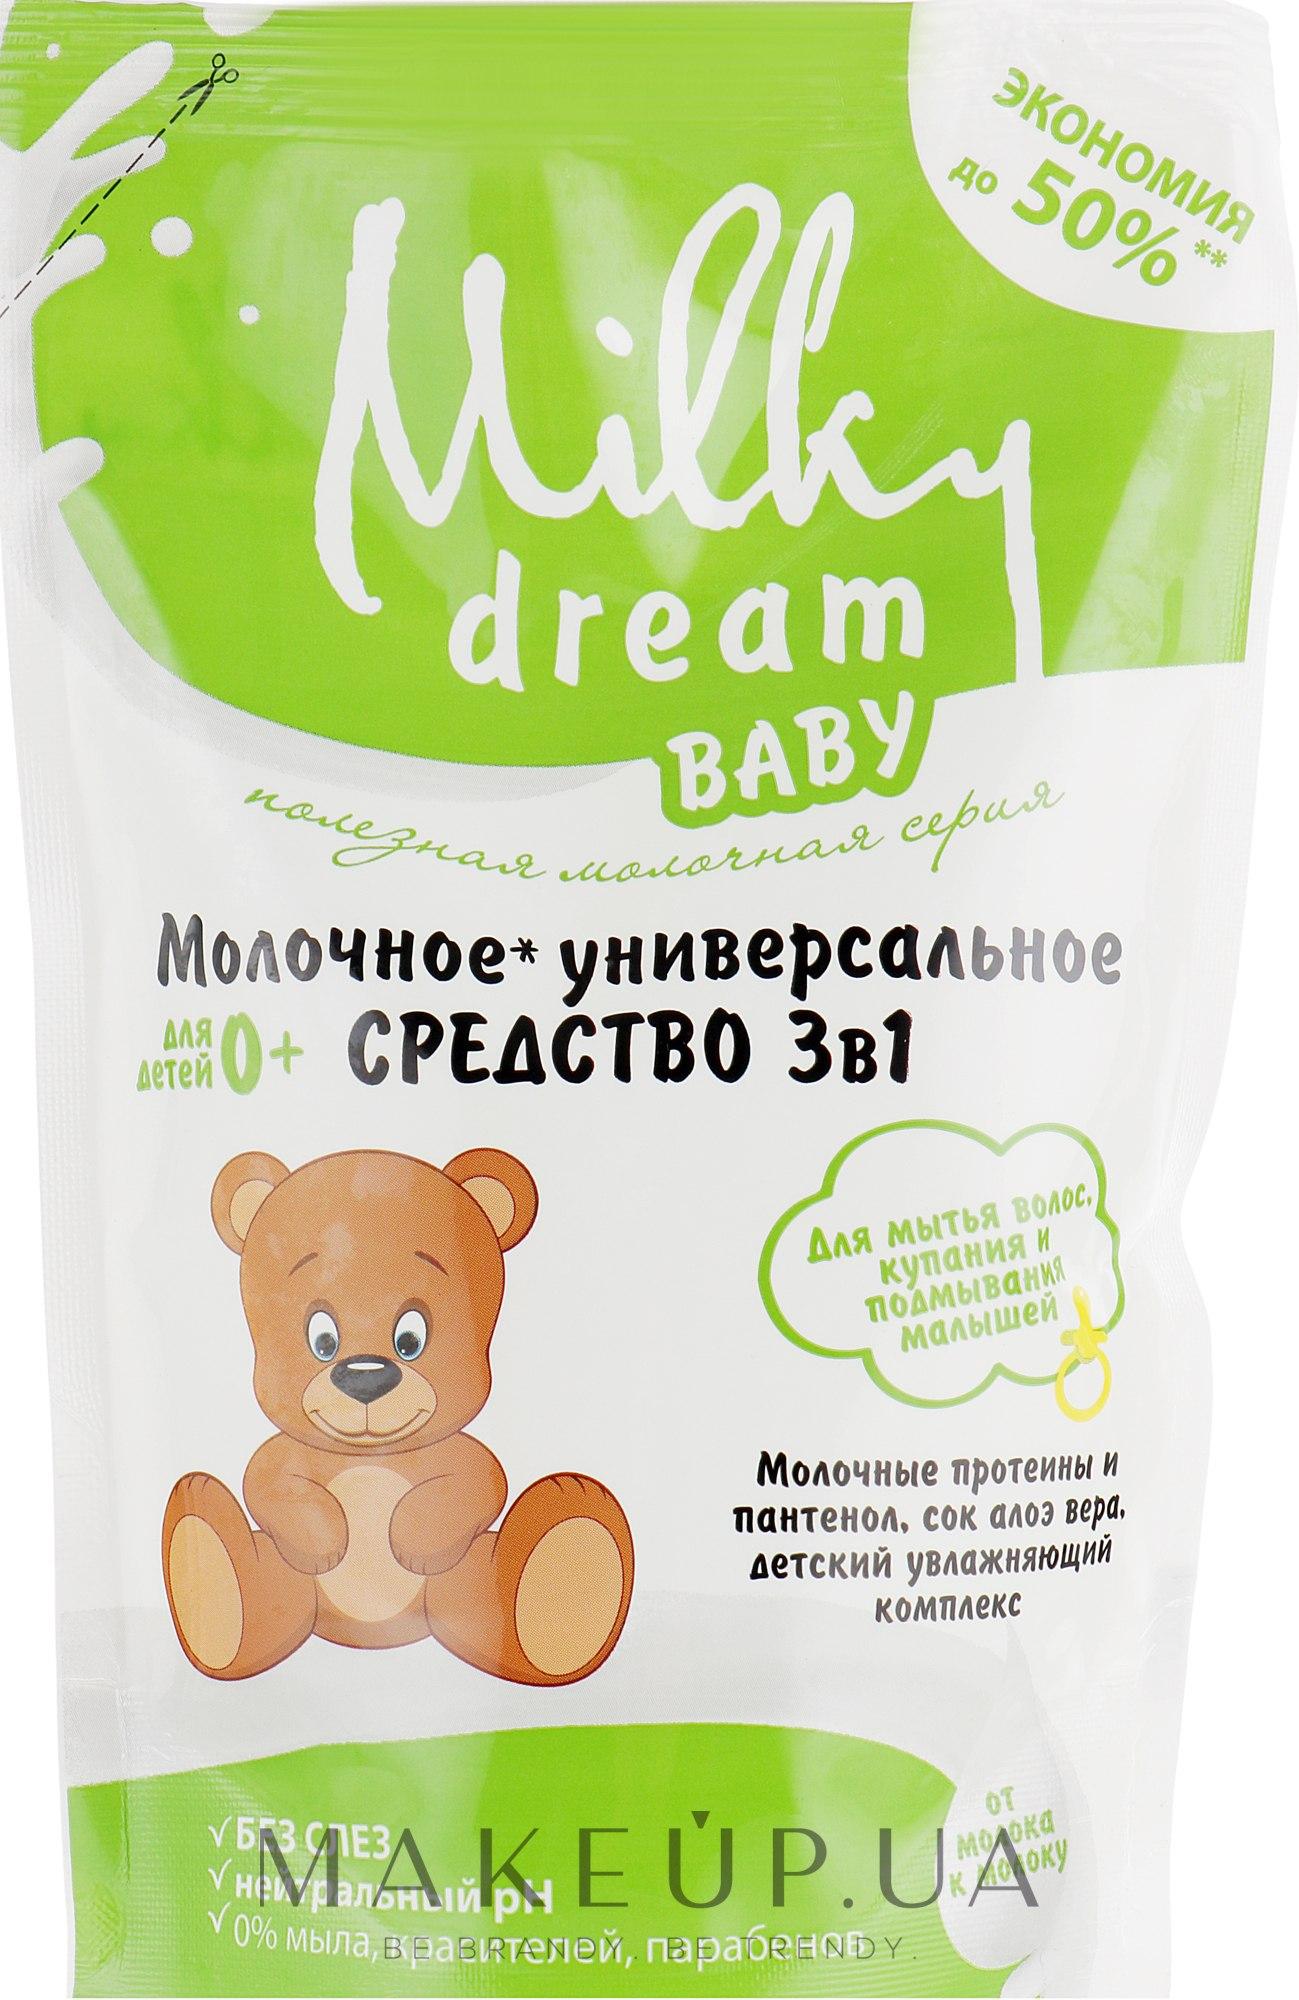 """Универсальное средство 3 в 1 """"Для купания, митья волос и подмывания малышей"""" (дой-пак) - Milky Dream Baby: купить по лучшей цене в Украине - MAKEUP"""